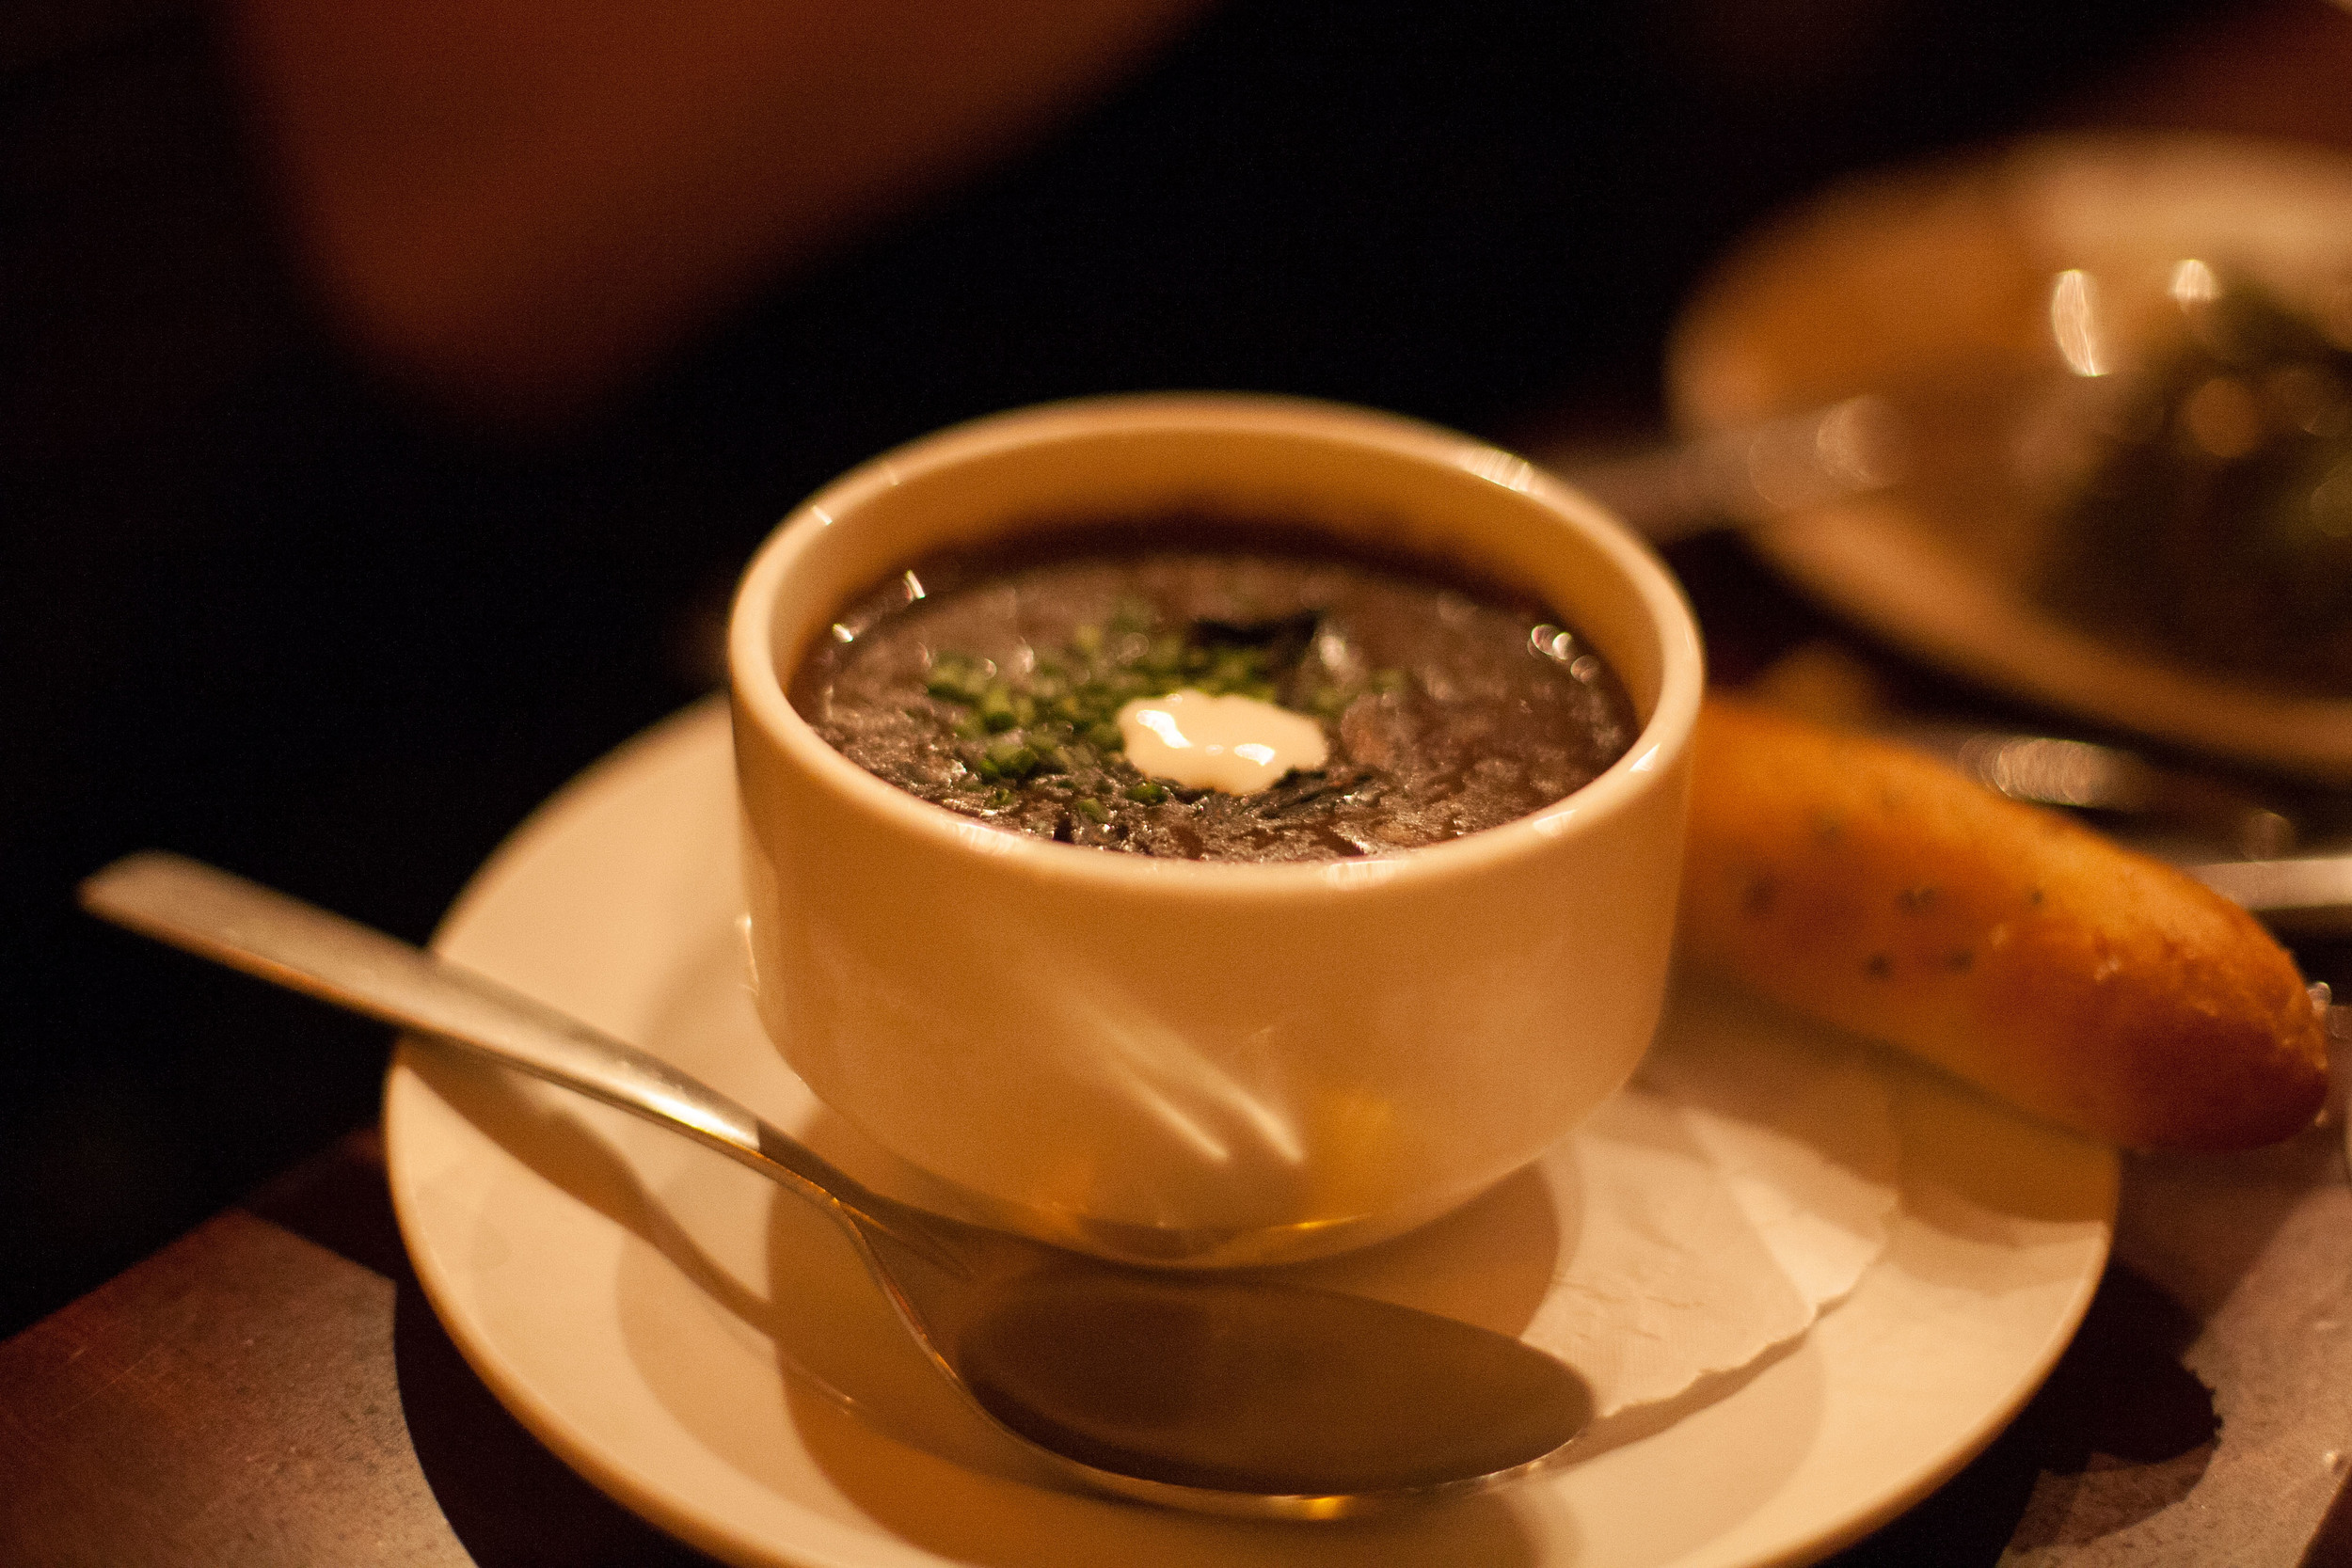 Porcini Mushroom Bisque with sour cream and Black Trumpet mushrooms.